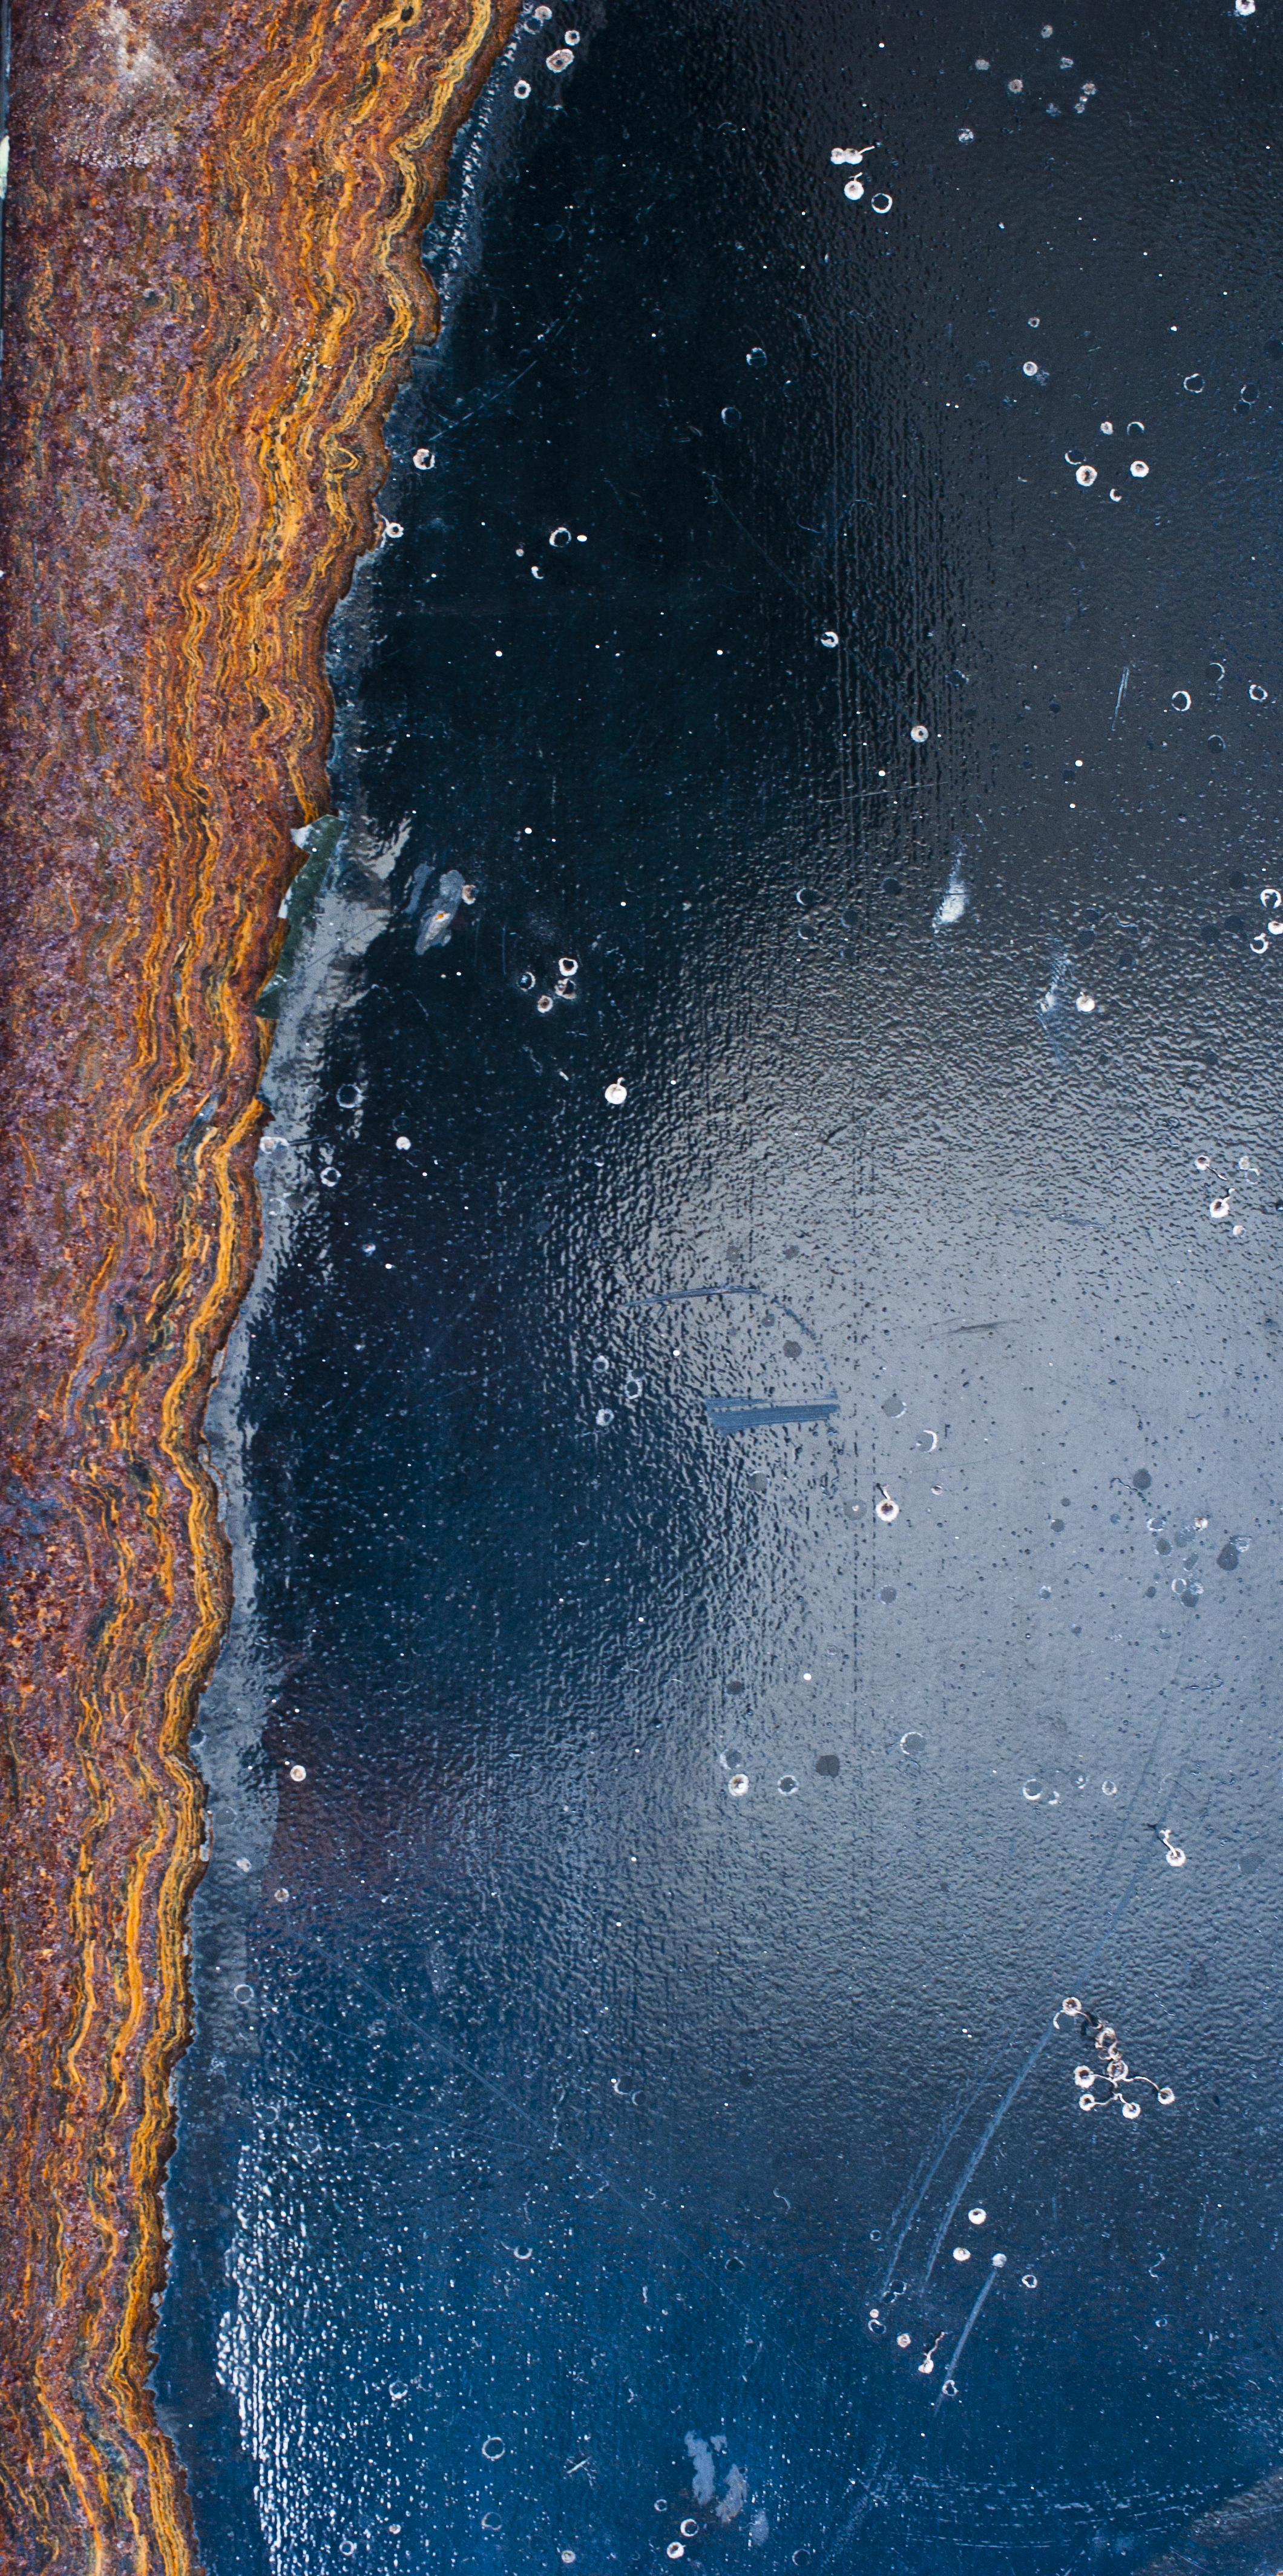 OIL LIK5.jpg